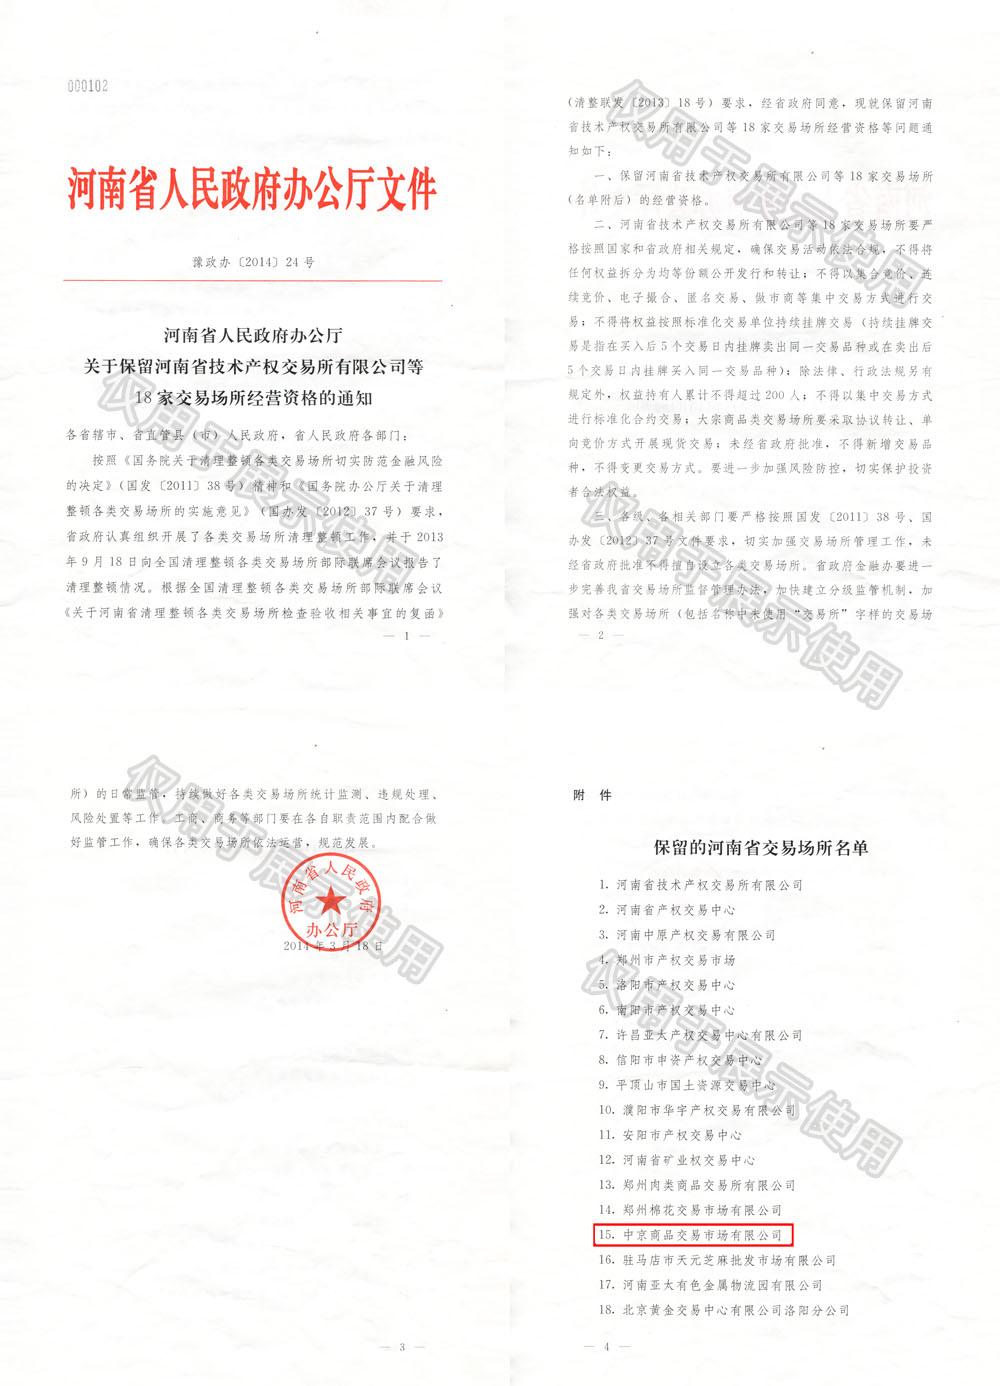 中京商品有色金属开户推荐码0073632-中京商品出入金流程